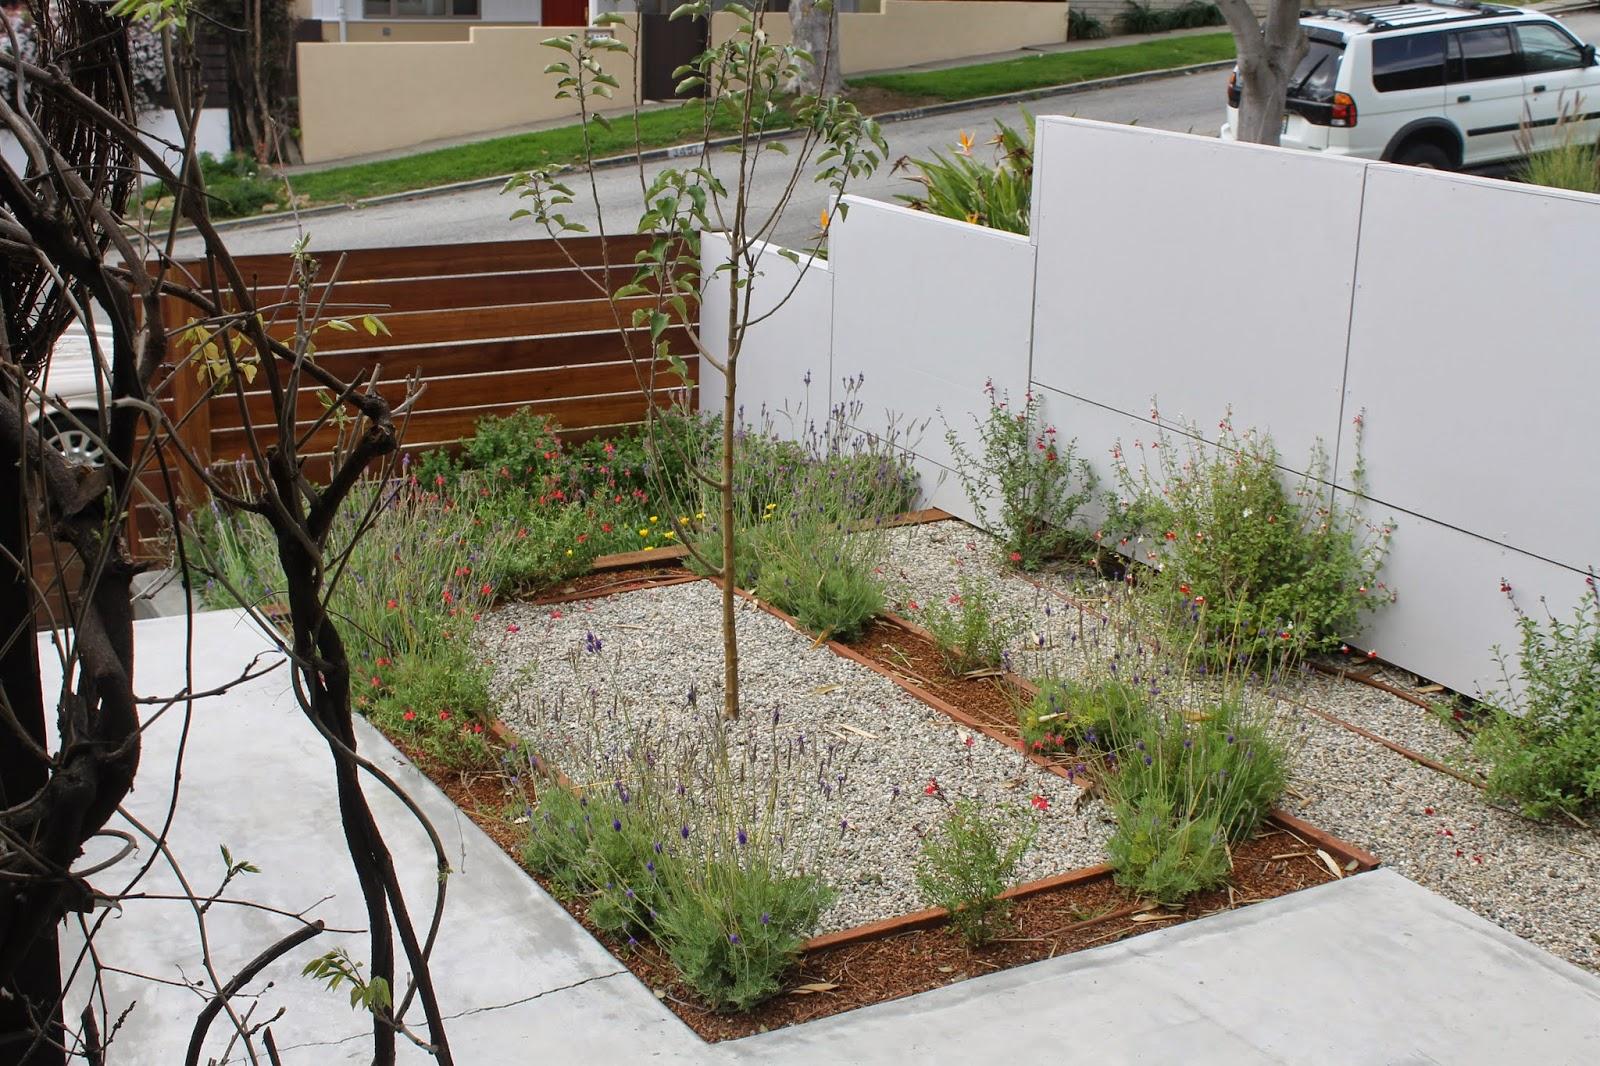 Mar vista green garden showcase 3462 beethoven street for Easy to maintain garden